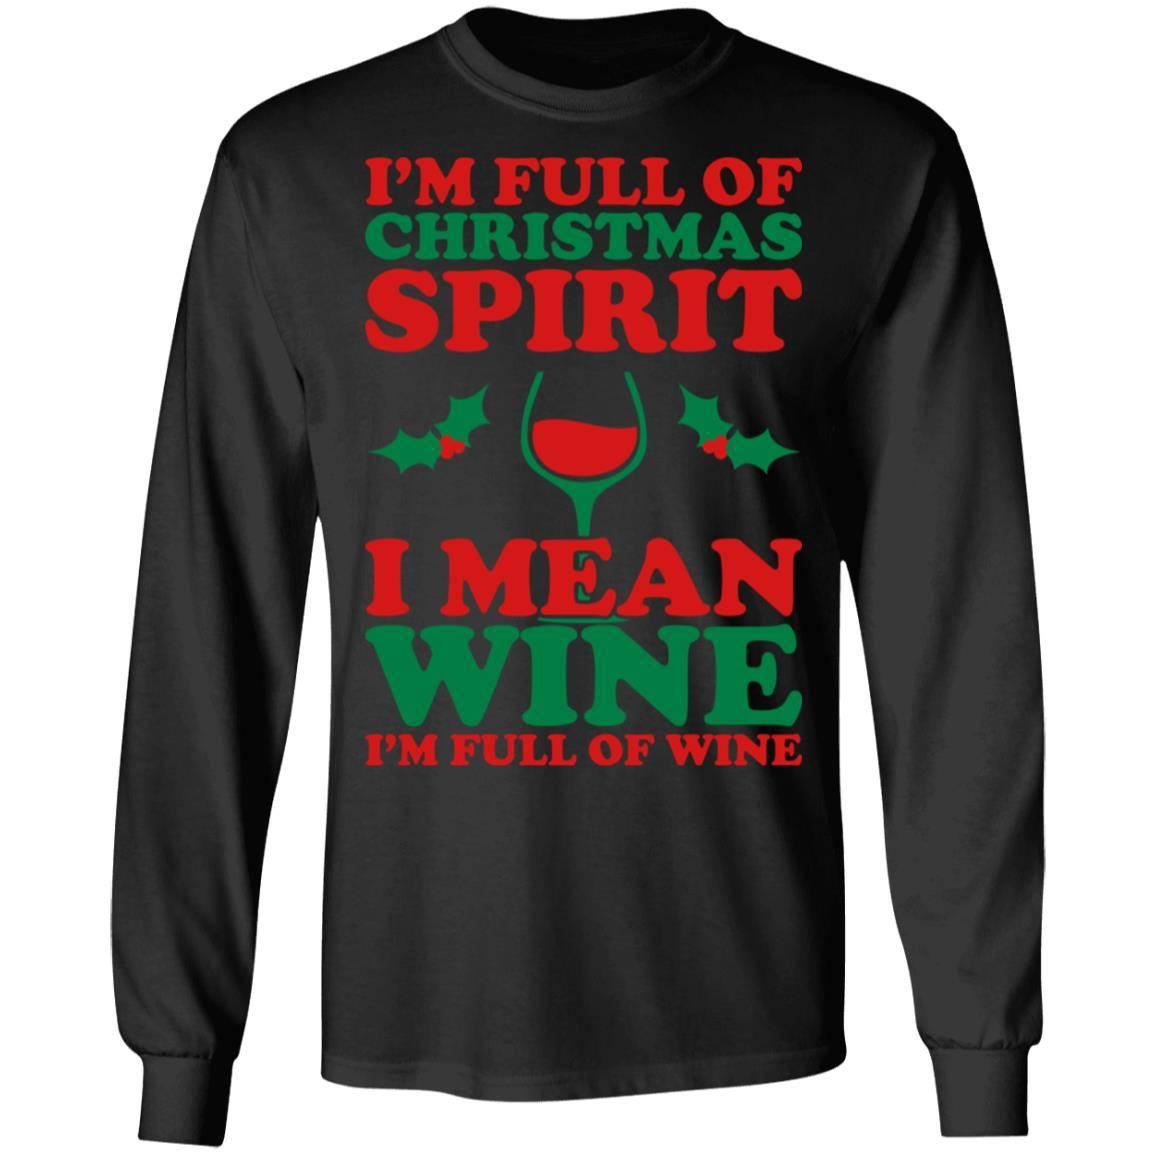 224 Christmas Spirit Wine – Women_s T-S G240 Gildan LS Ultra Cotton T-Shirt